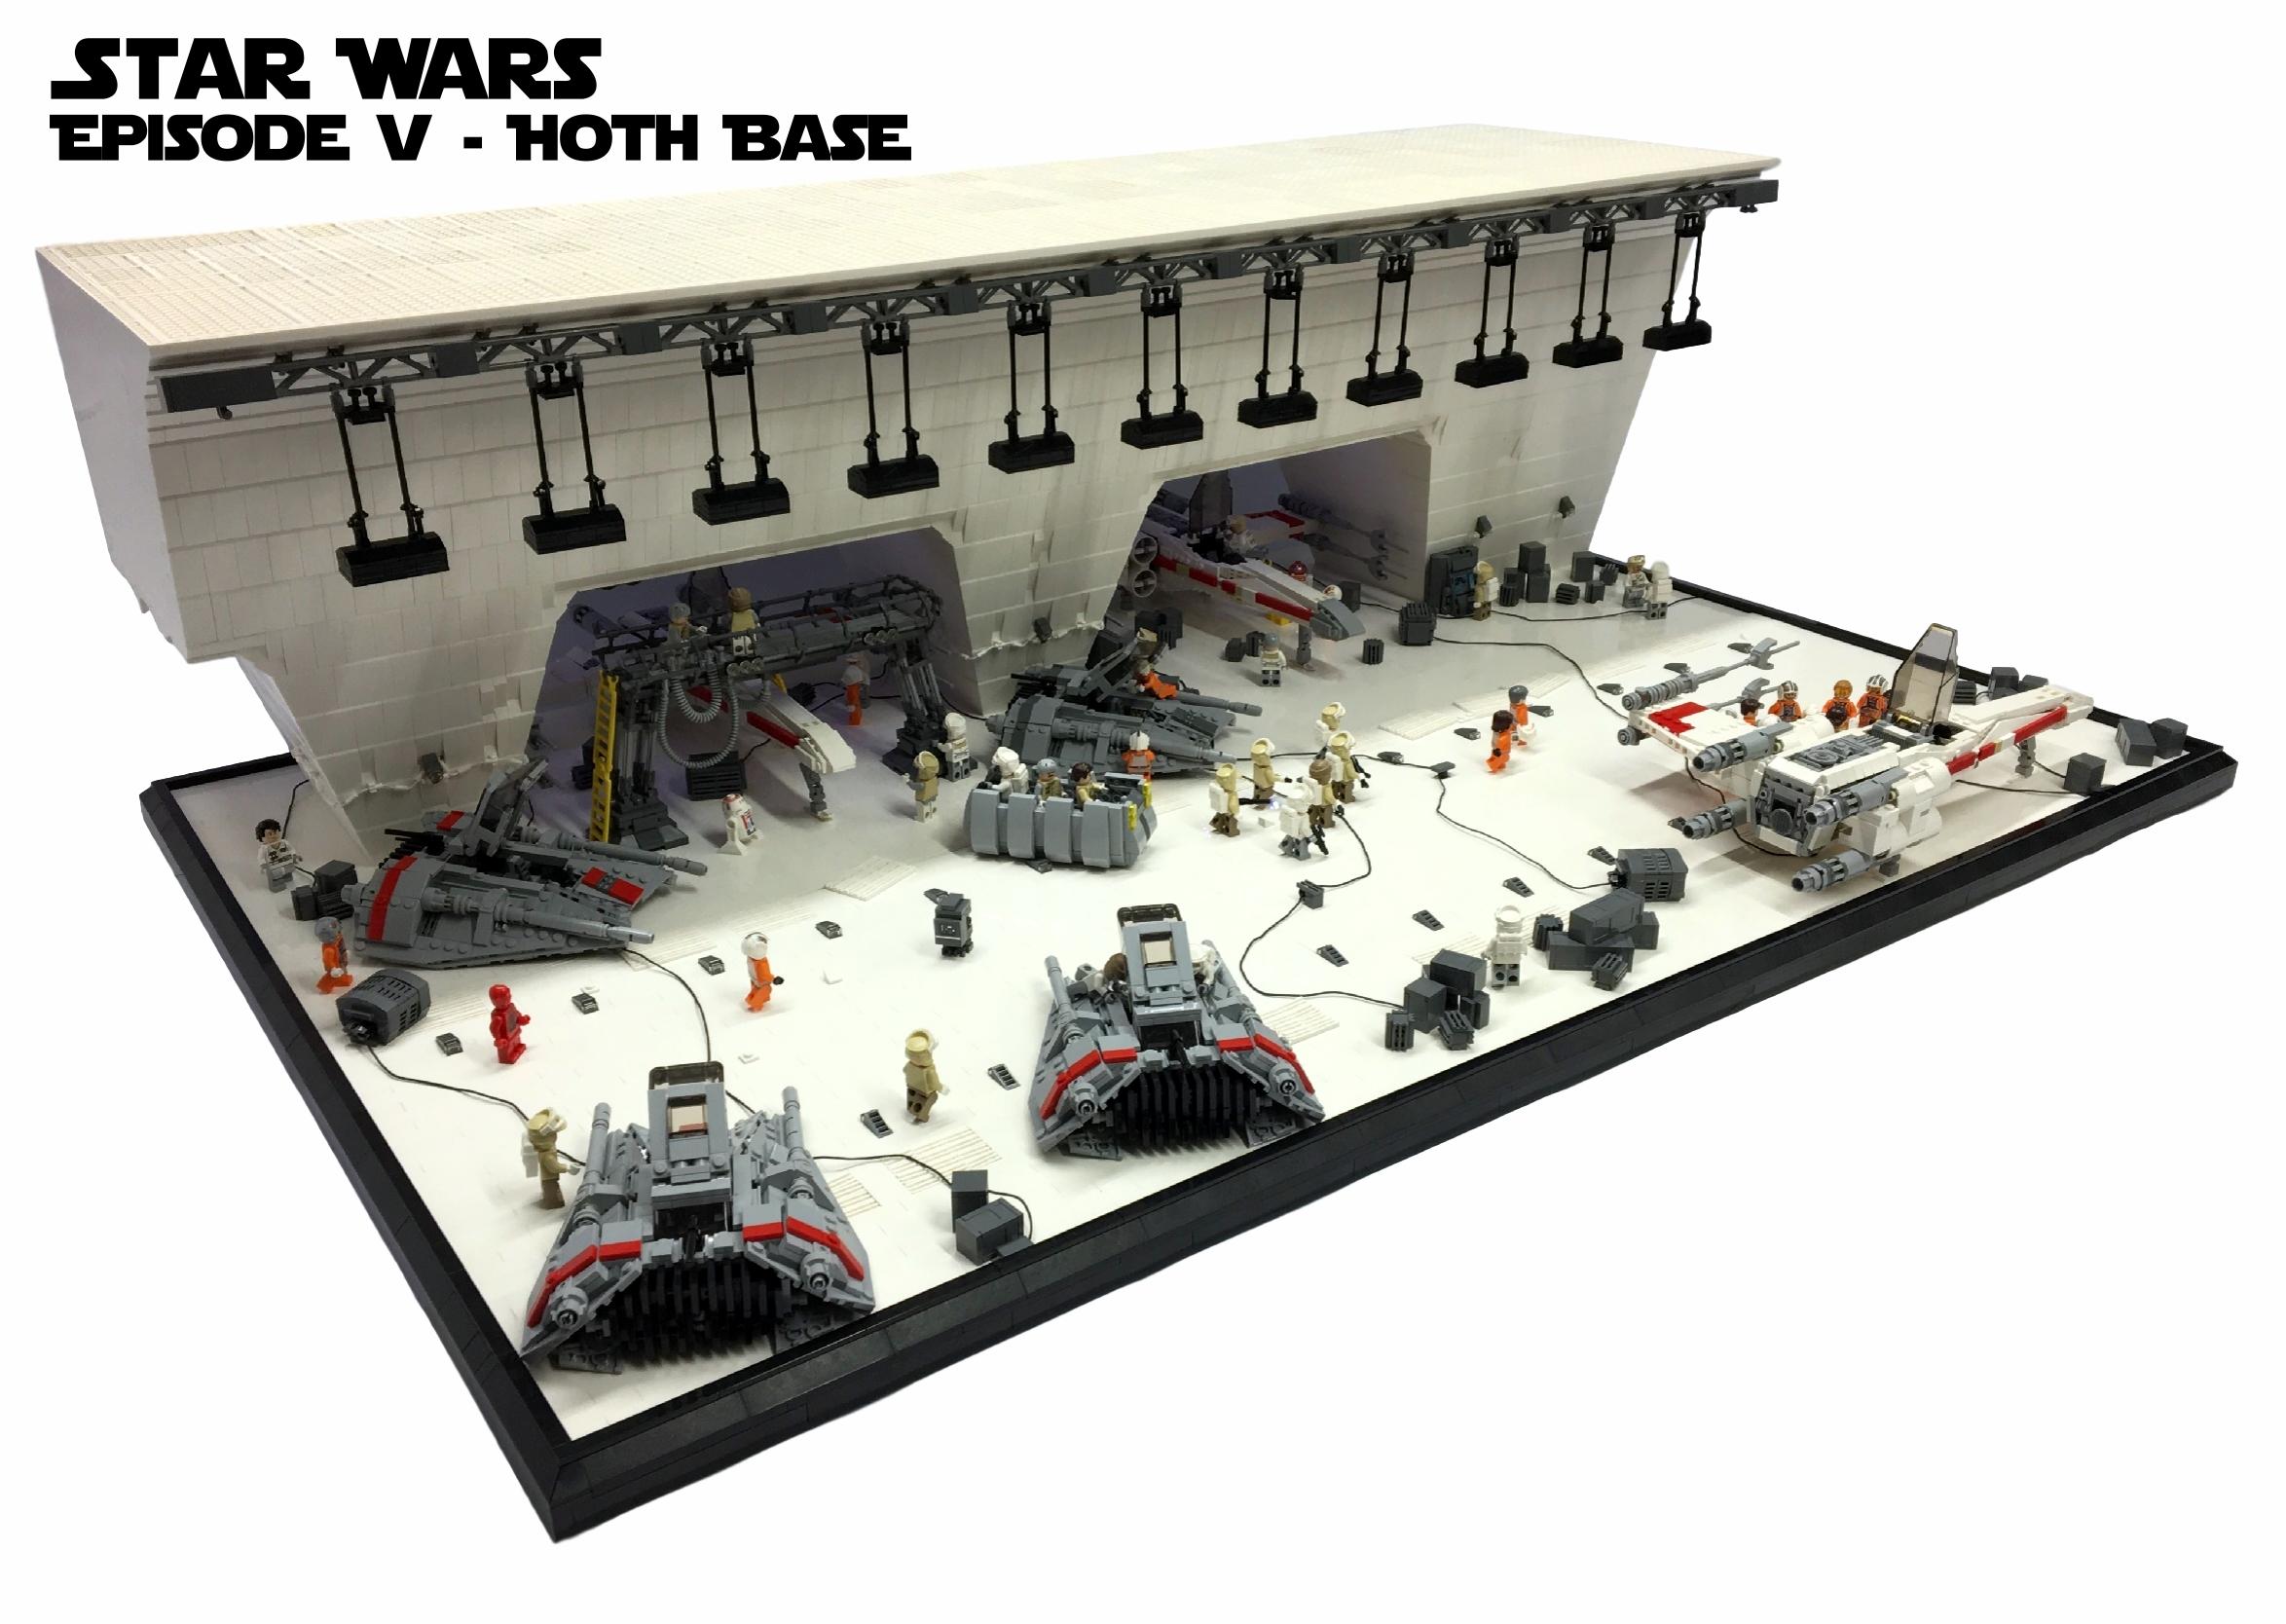 star wars episode v hoth base lego. Black Bedroom Furniture Sets. Home Design Ideas